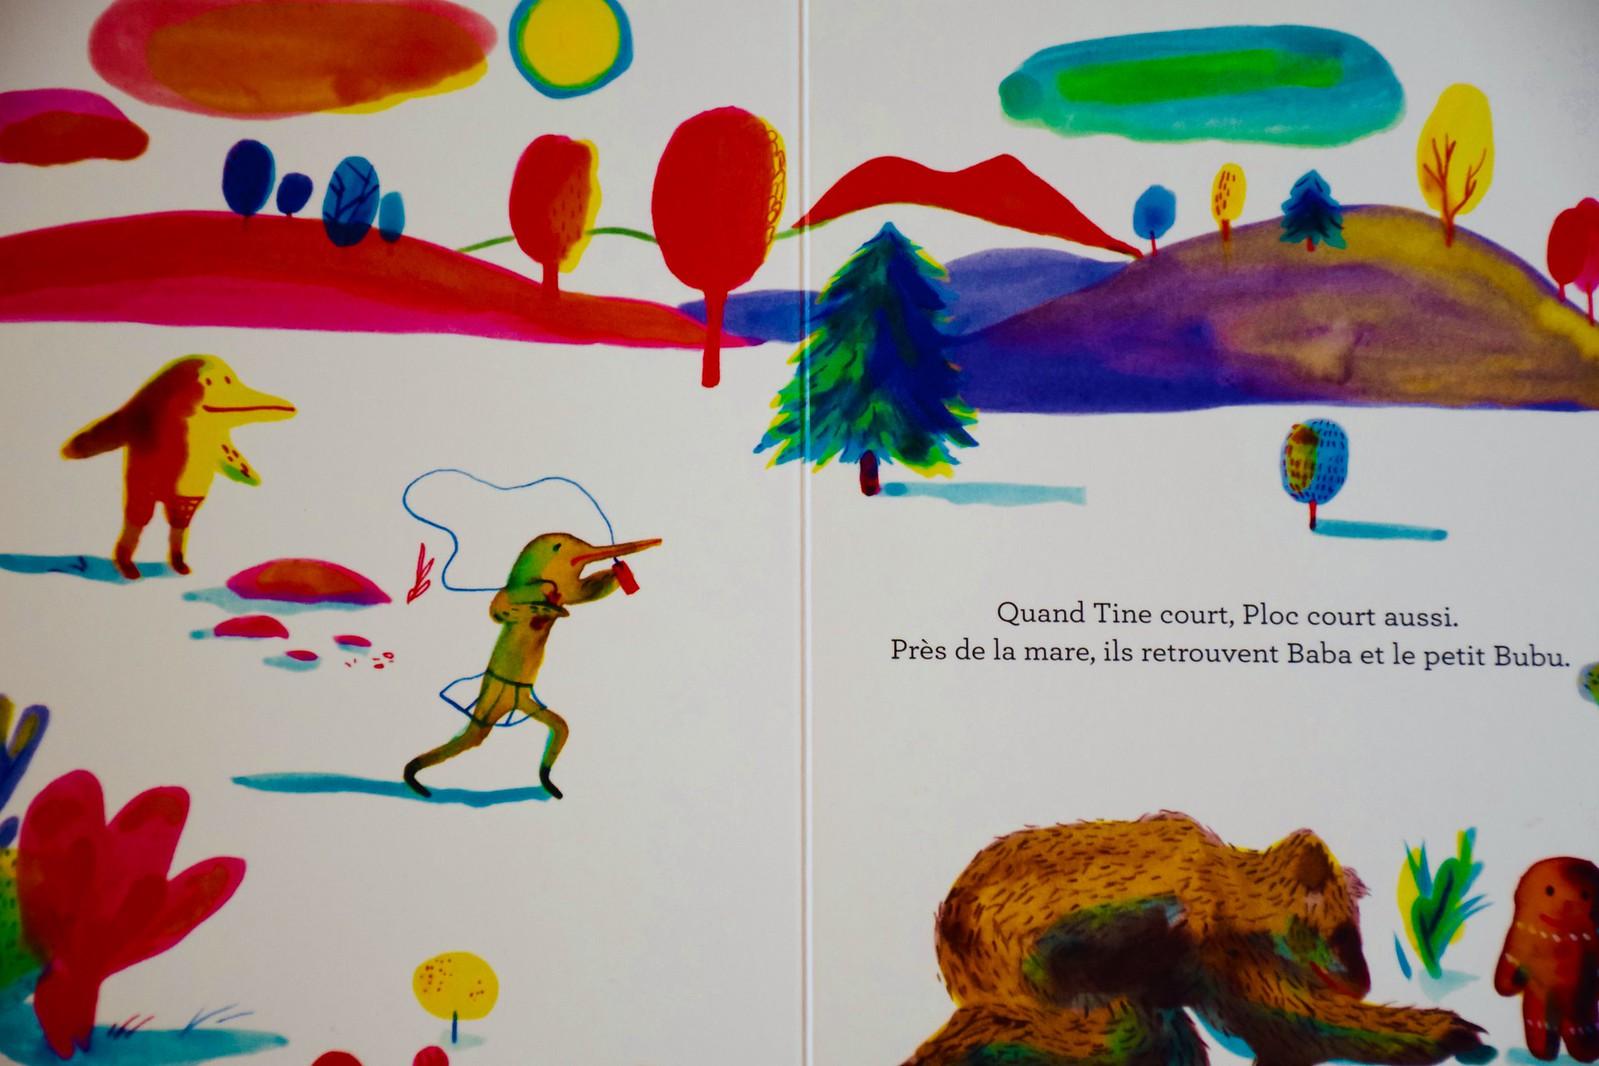 Ploc, ¿verdad que tiene unas ilustraciones preciosas?